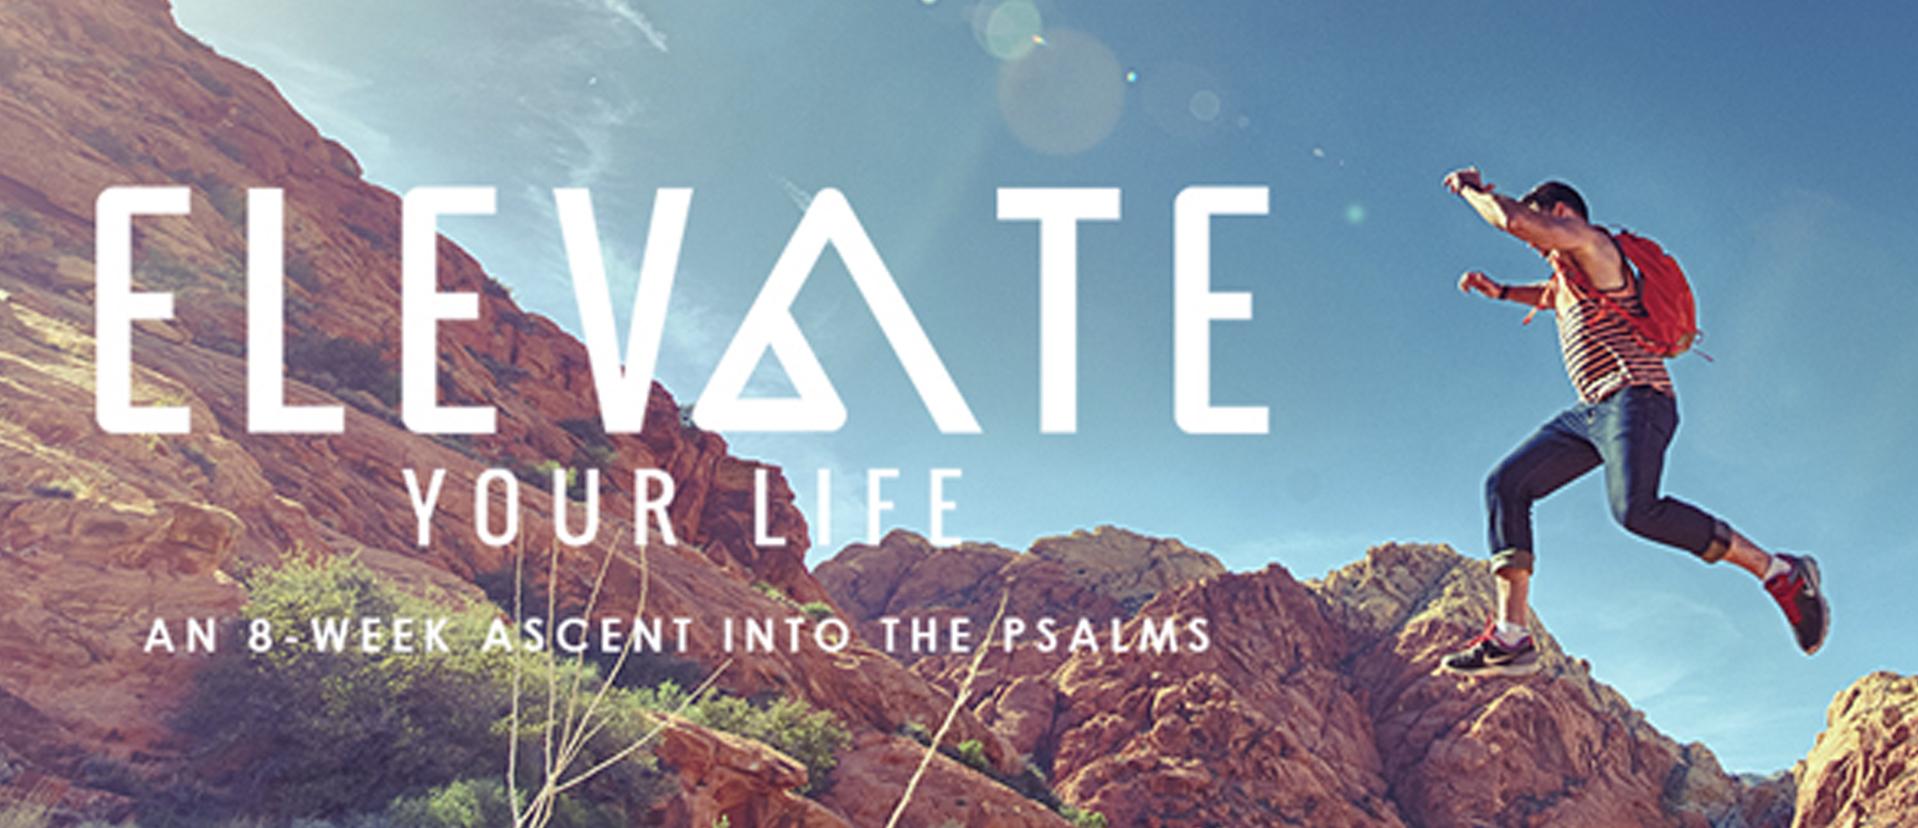 Website_Series_Header_Elevate_Your_Life.jpg